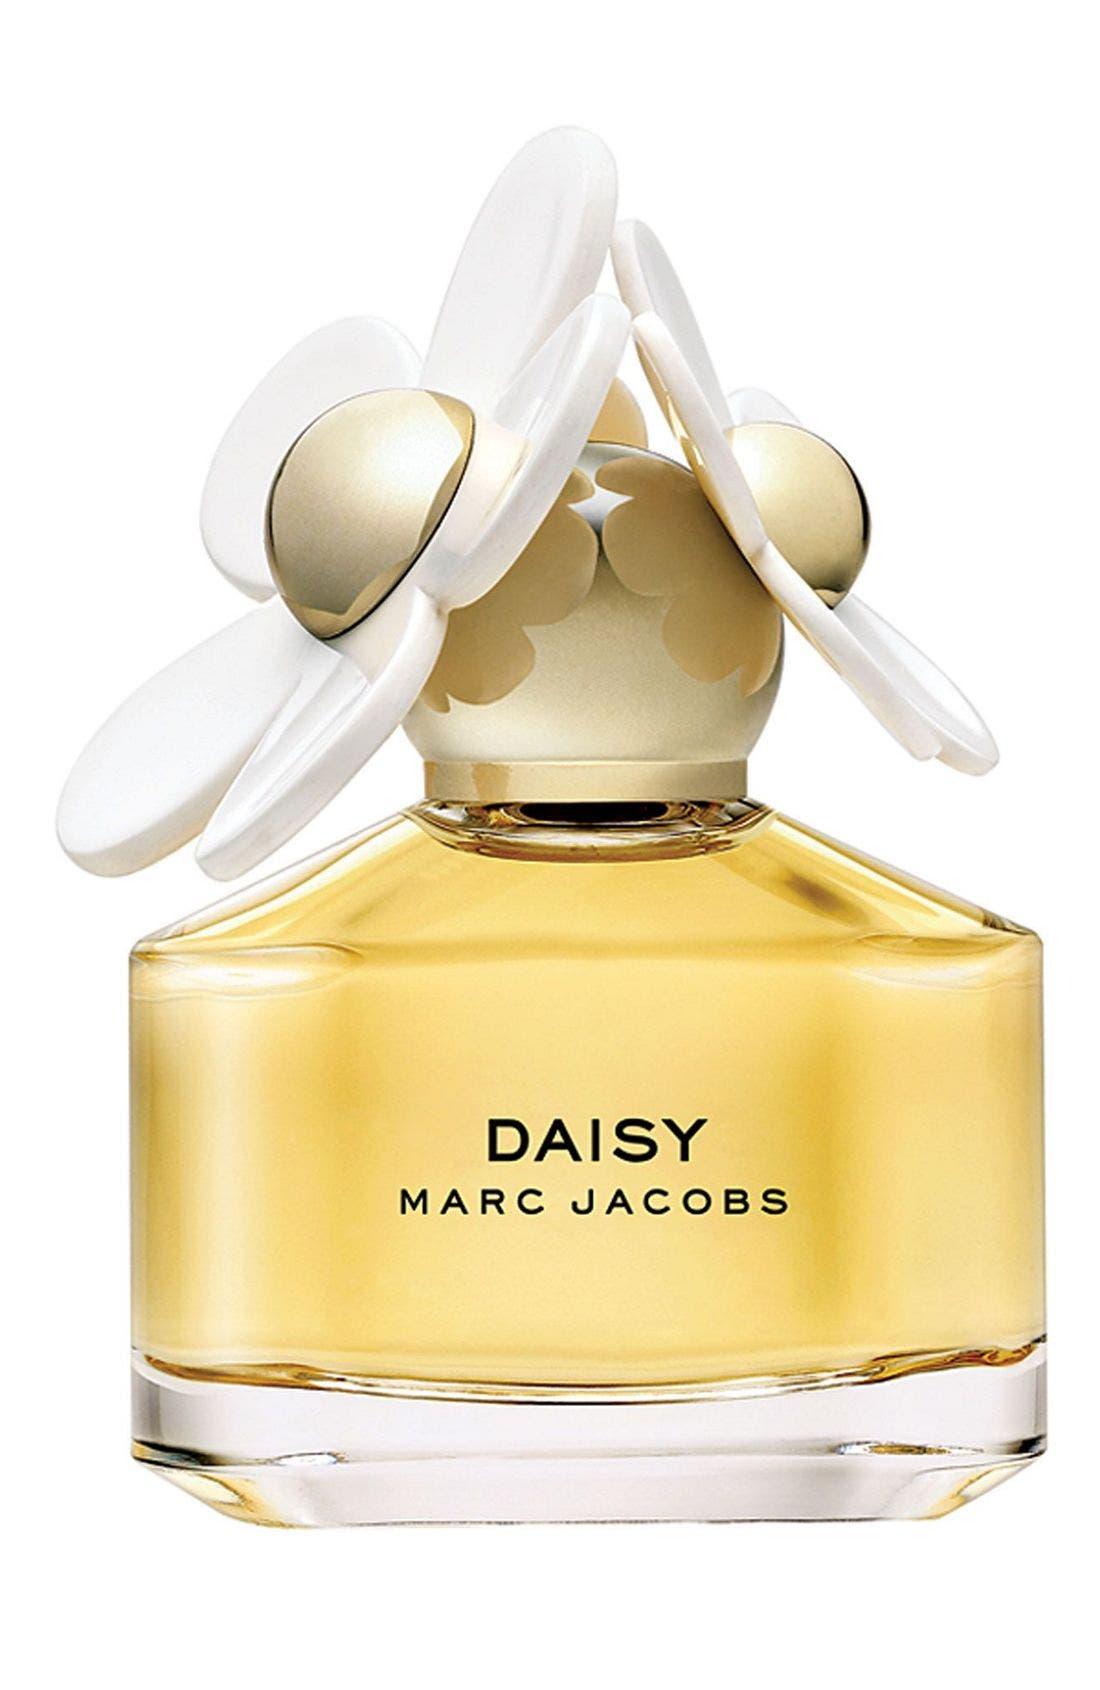 Image of Marc Jacobs Daisy Eau de Toilette Spray